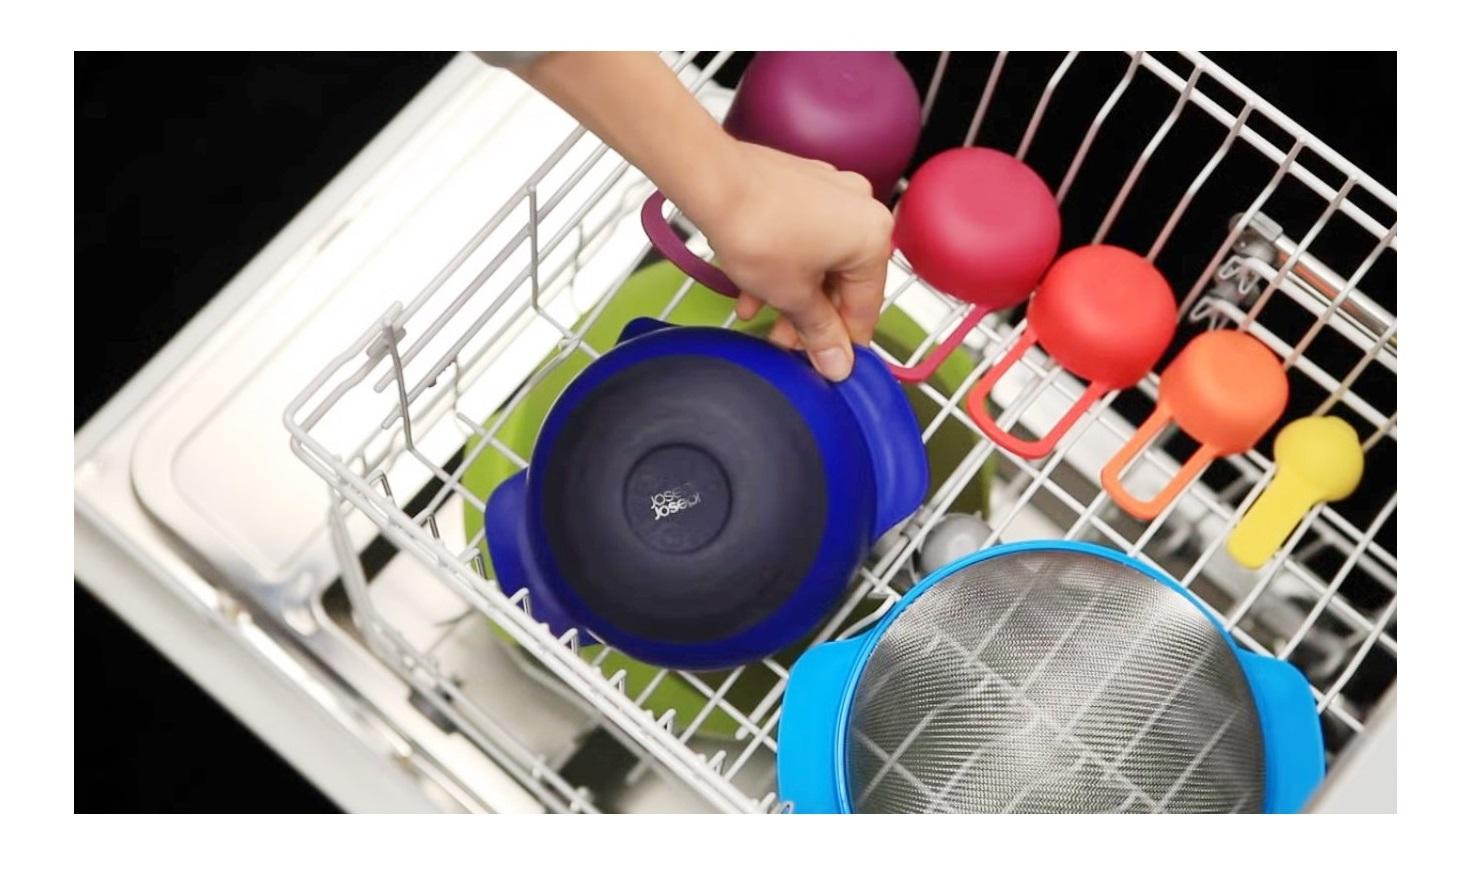 Набор кухонный Joseph Joseph NEST, разноцветный, 9 предметов Joseph Joseph 40080 фото 4